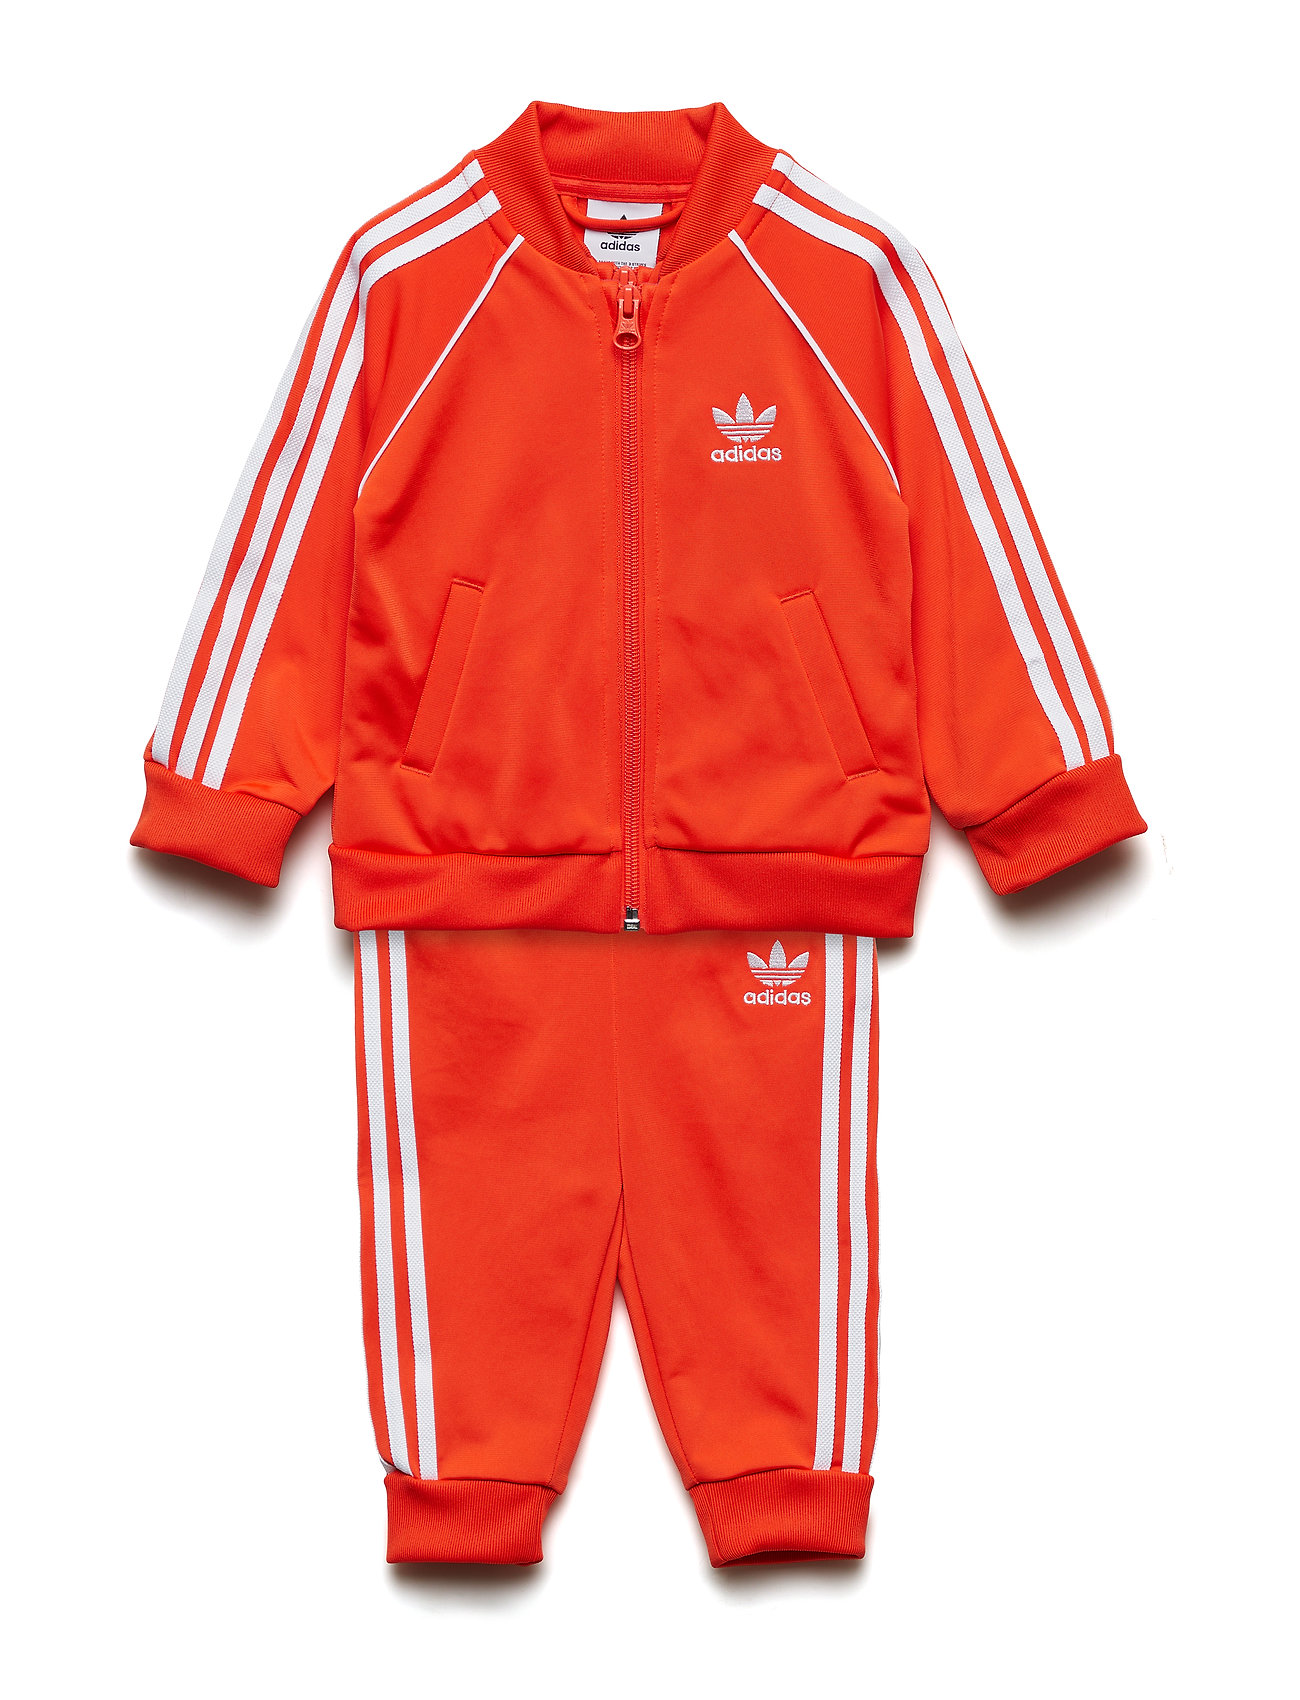 2315a2fd Adidas træningsshorts – Superstar Suit til børn i Sort - Pashion.dk